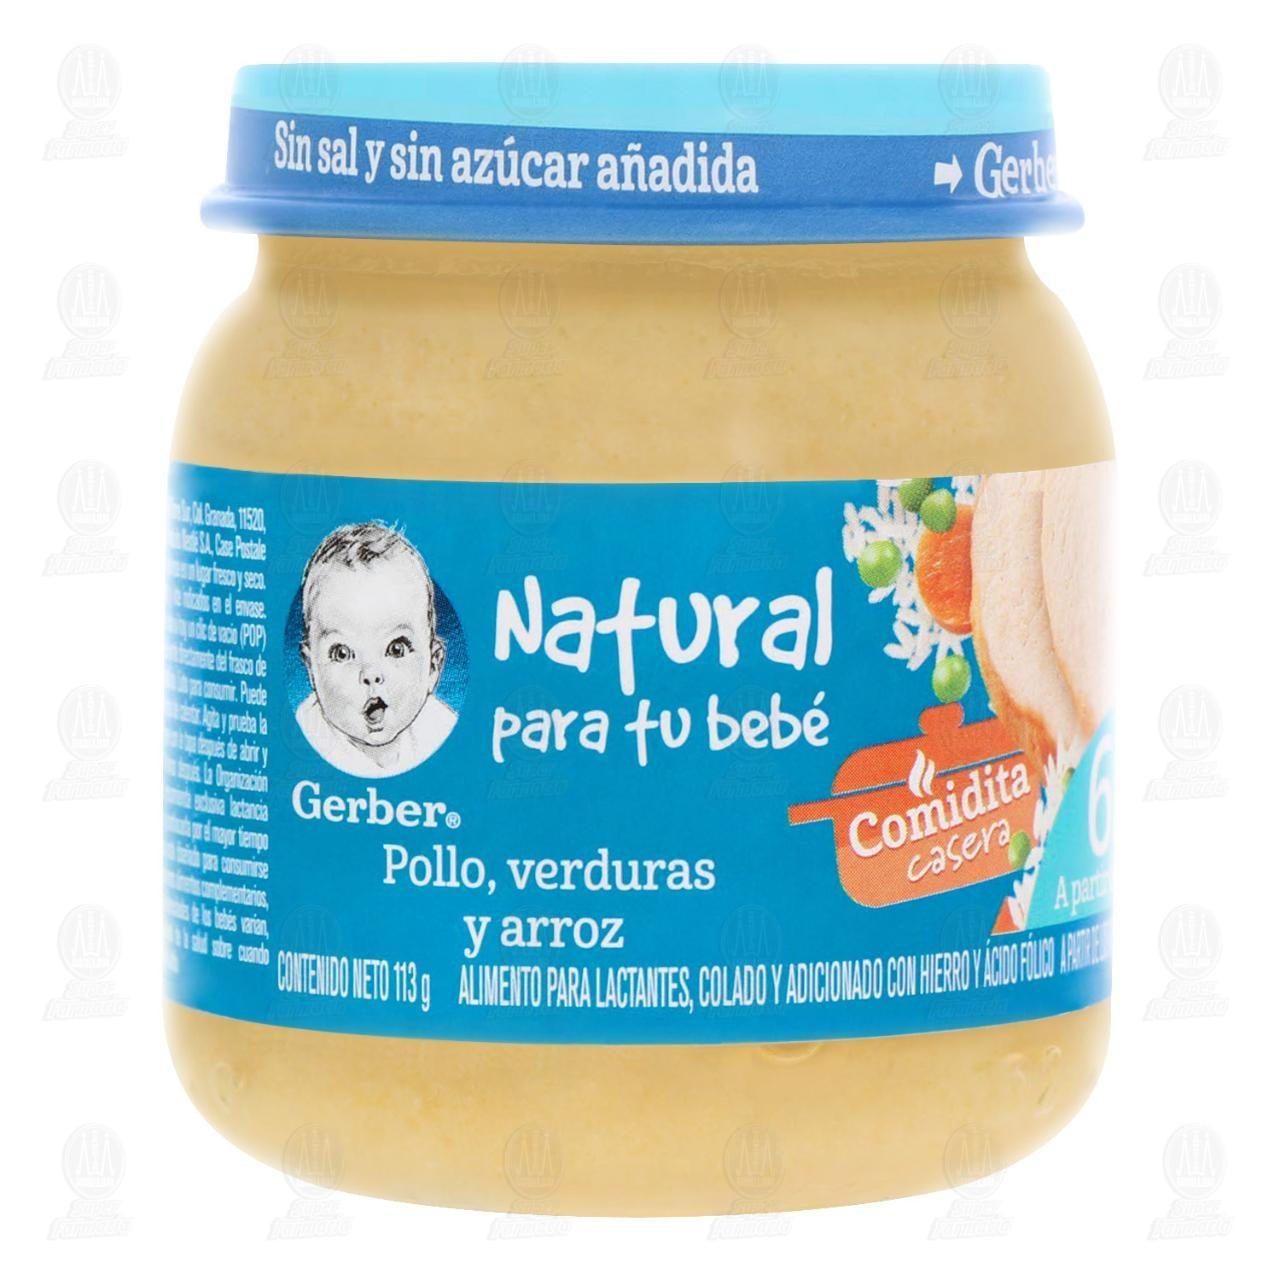 comprar https://www.movil.farmaciasguadalajara.com/wcsstore/FGCAS/wcs/products/961337_A_1280_AL.jpg en farmacias guadalajara